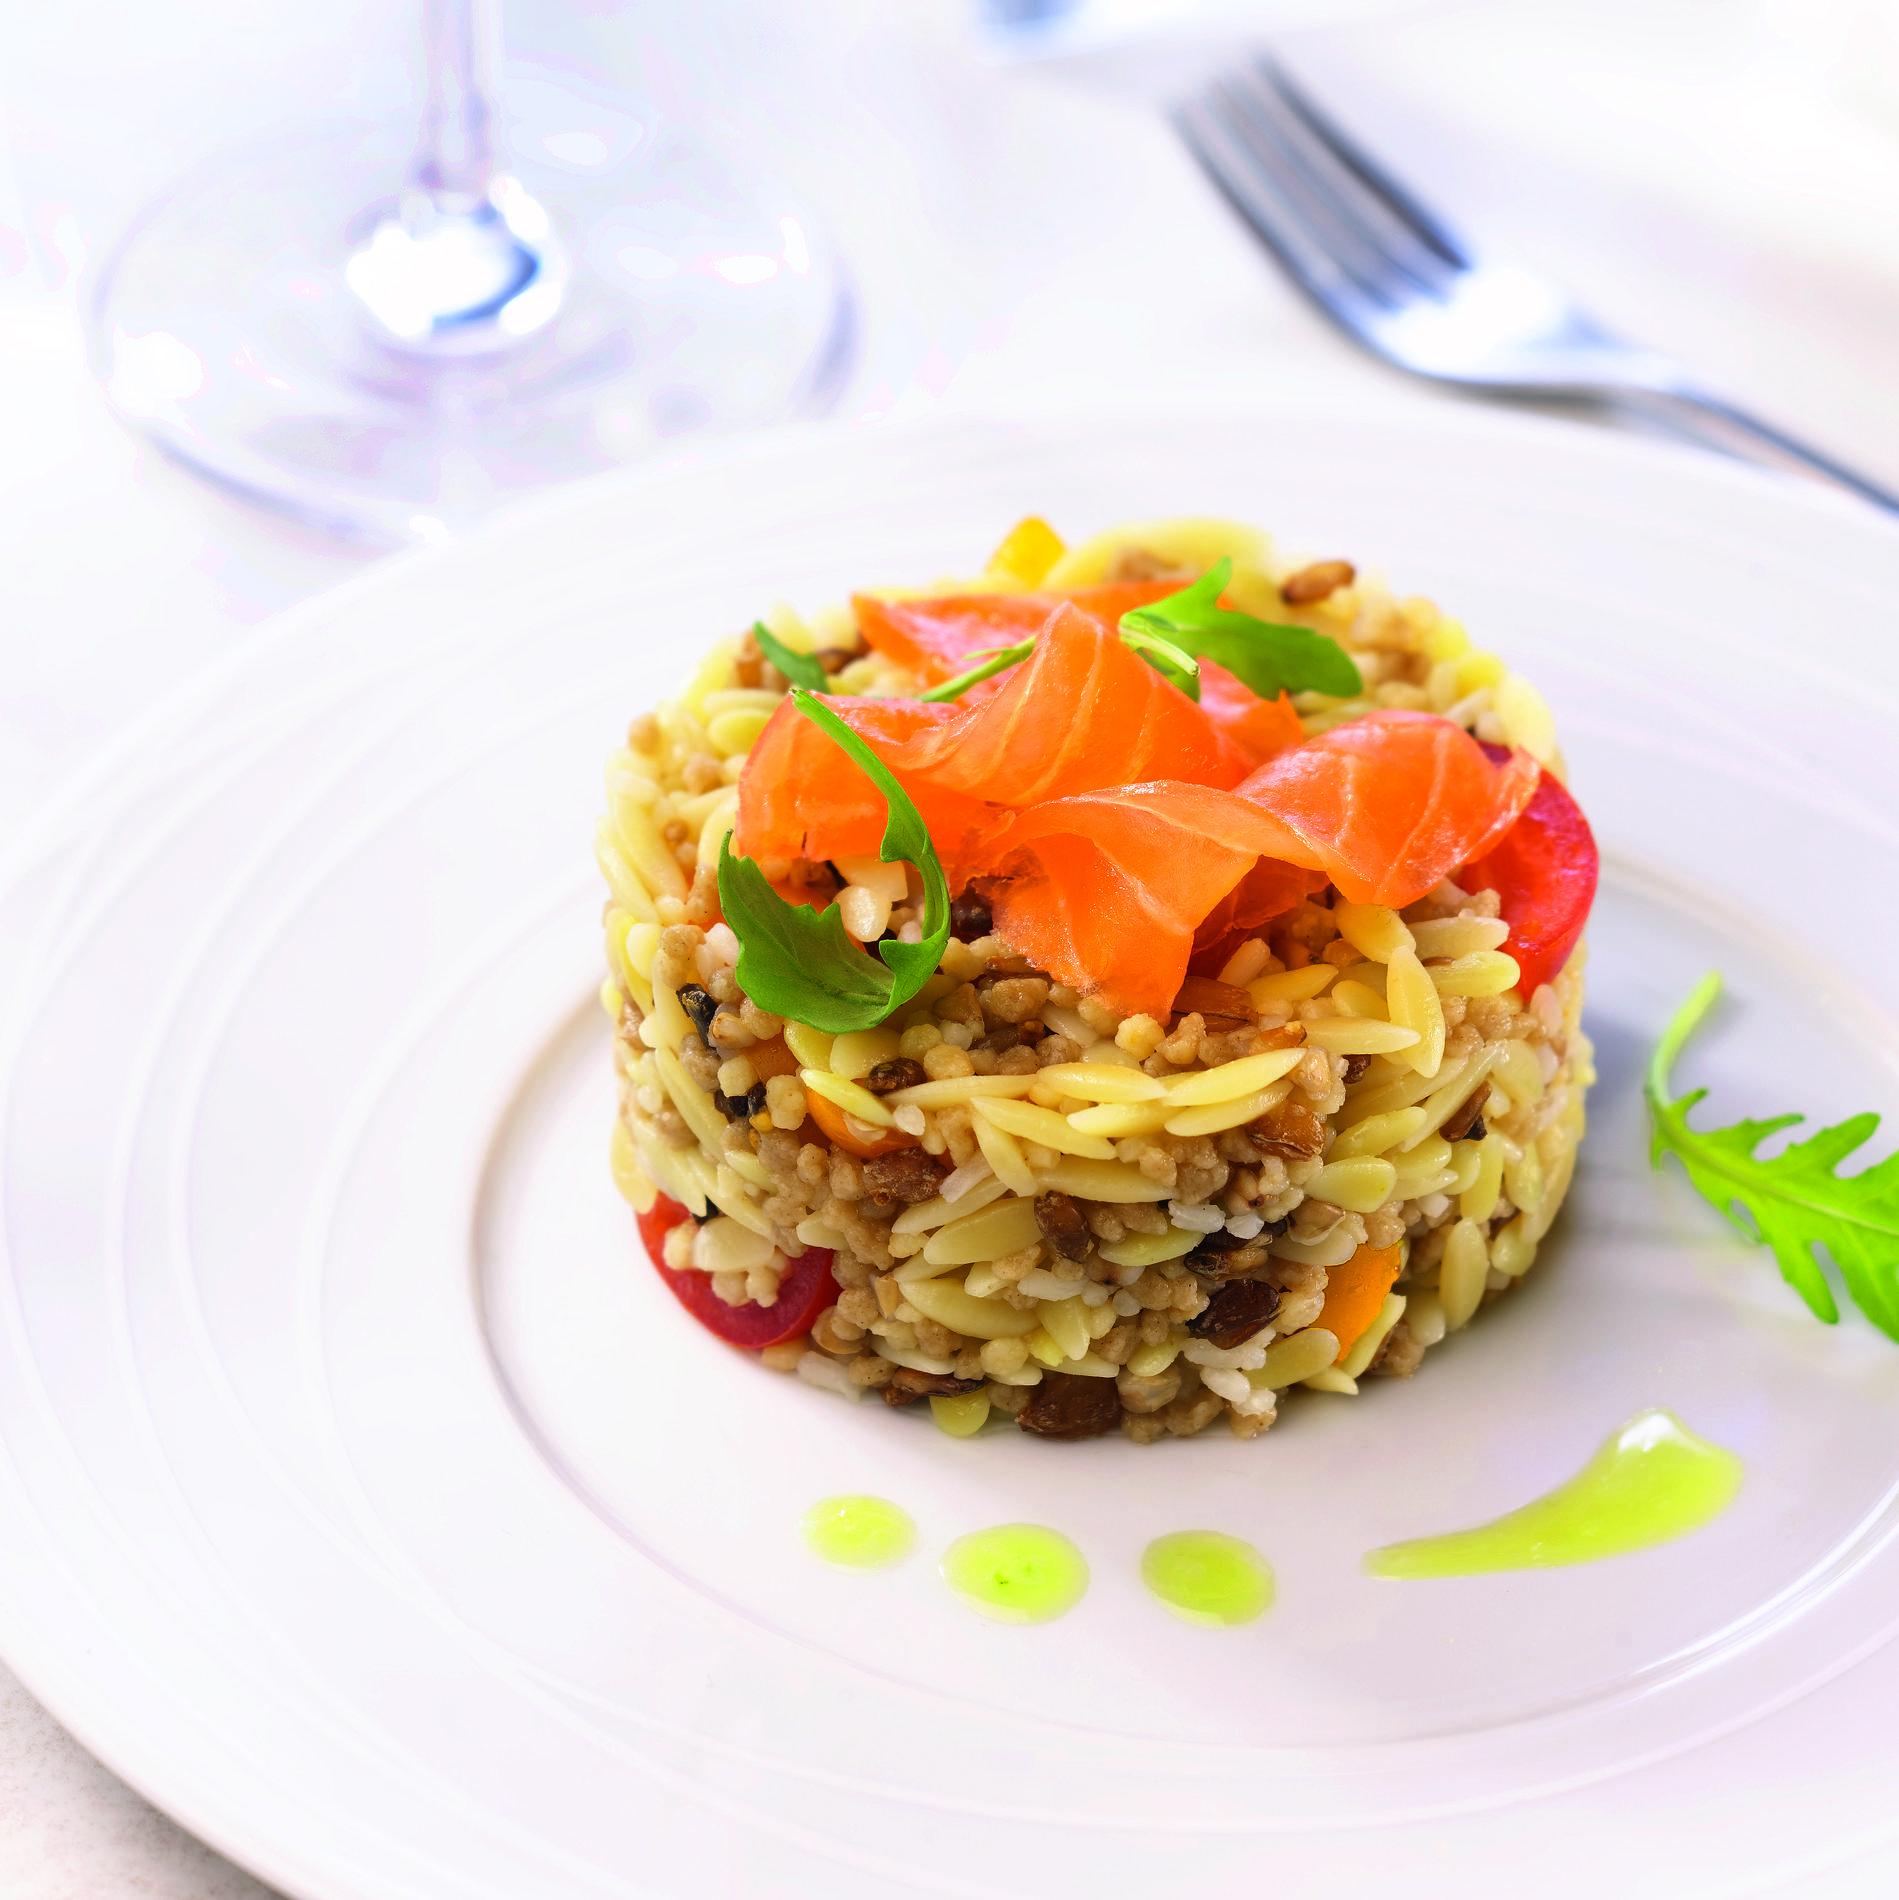 Recette salade fraicheur de c r ales de campagne au saumon for Entree fraicheur rapide